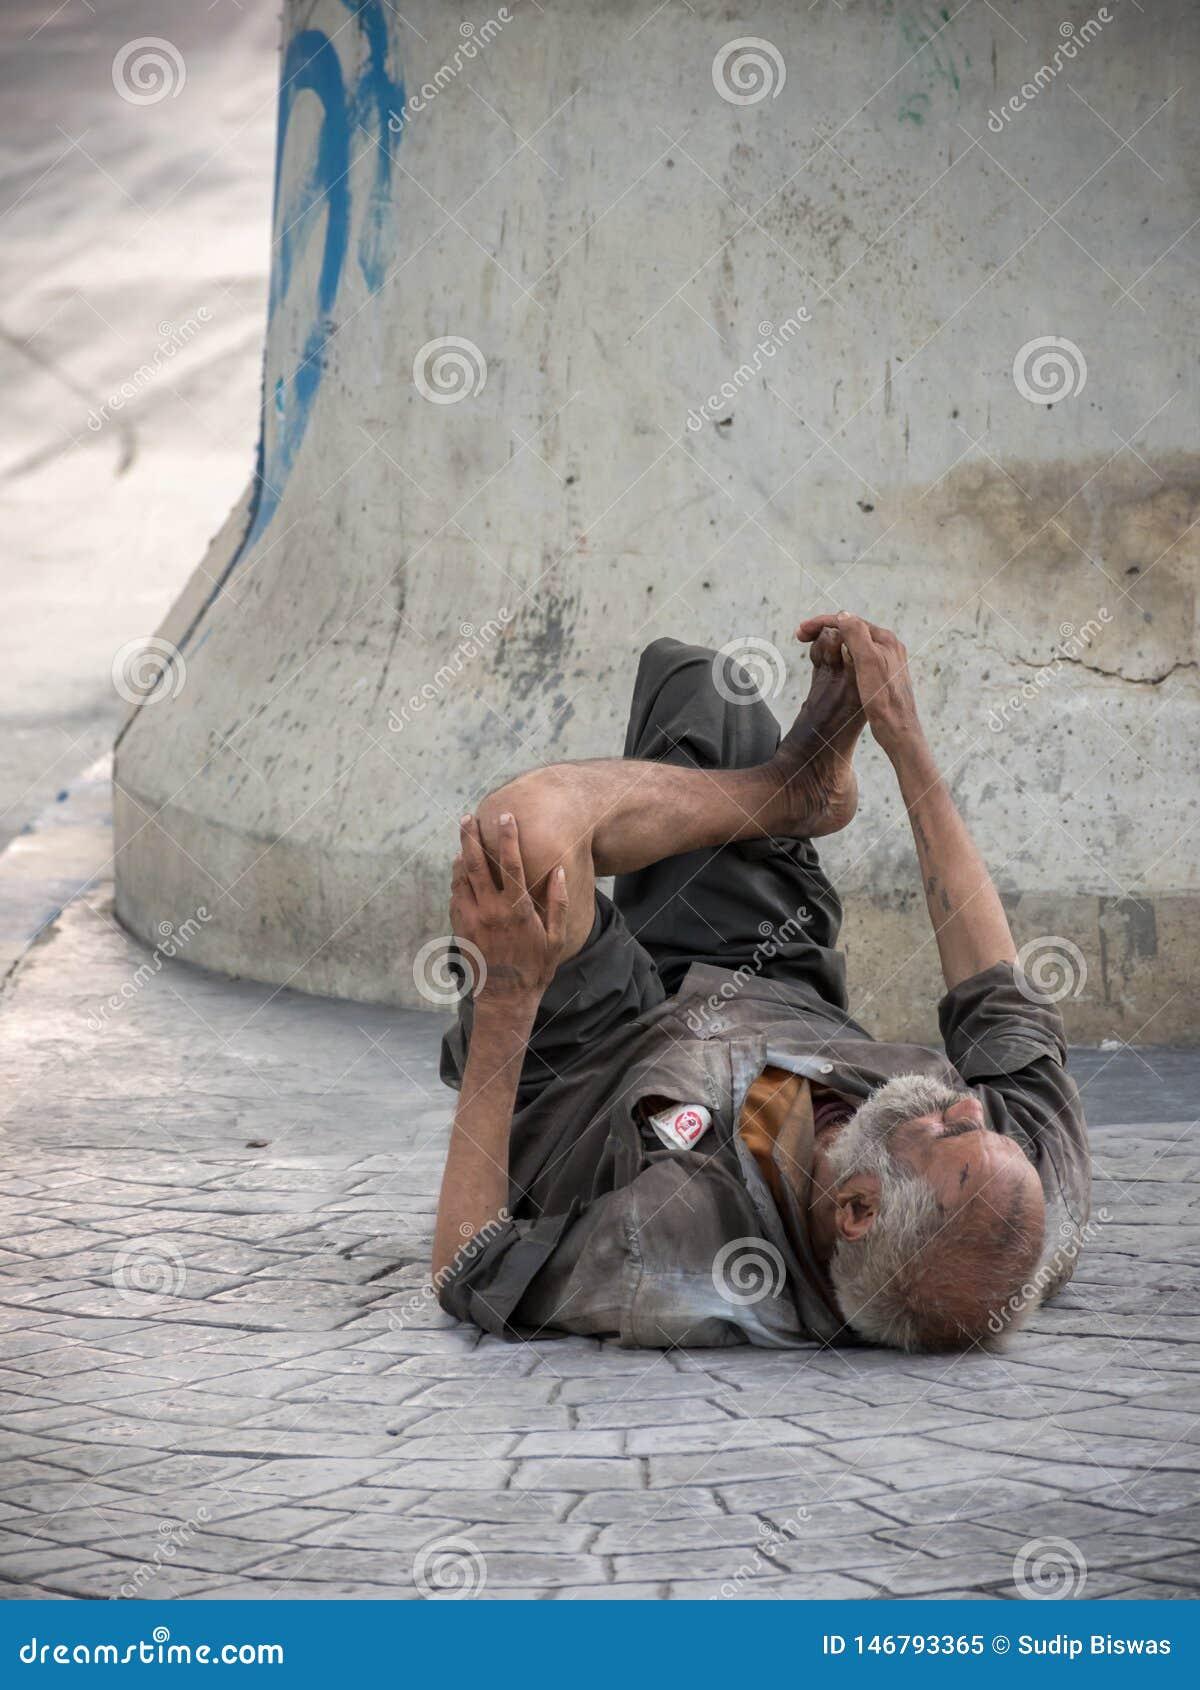 Un vieil homme est sans abri ou mendiant dormant près de la rue